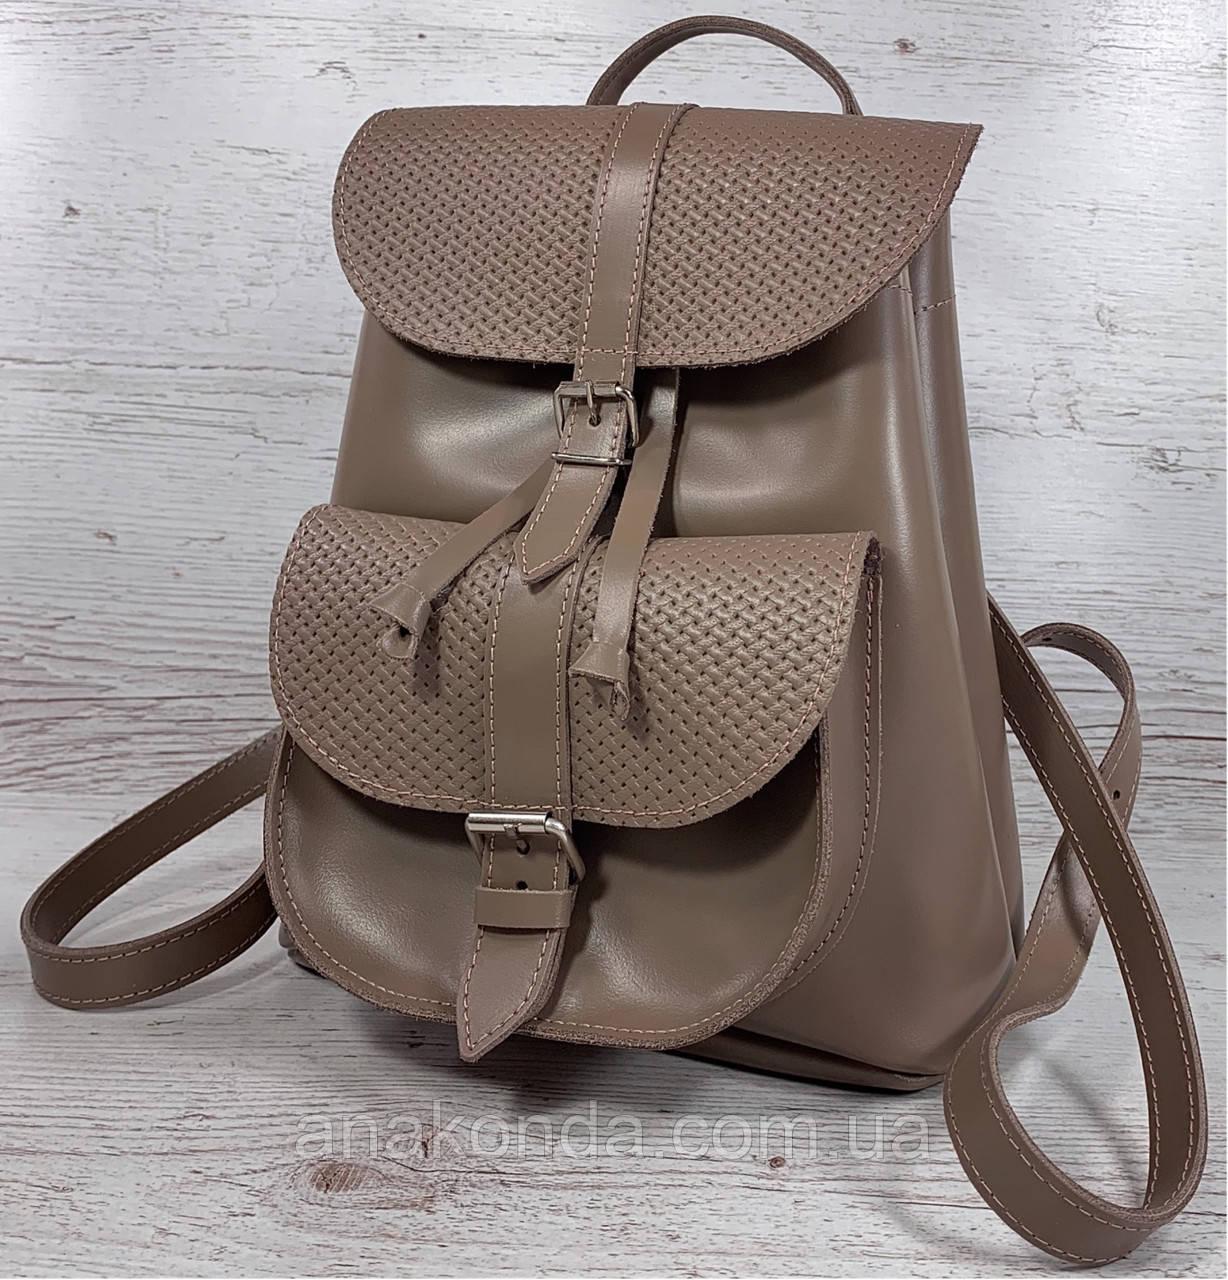 123 Натуральная кожа Городской кожаный женский рюкзак бежевый сумка-рюкзак из натуральной кожи бежевая